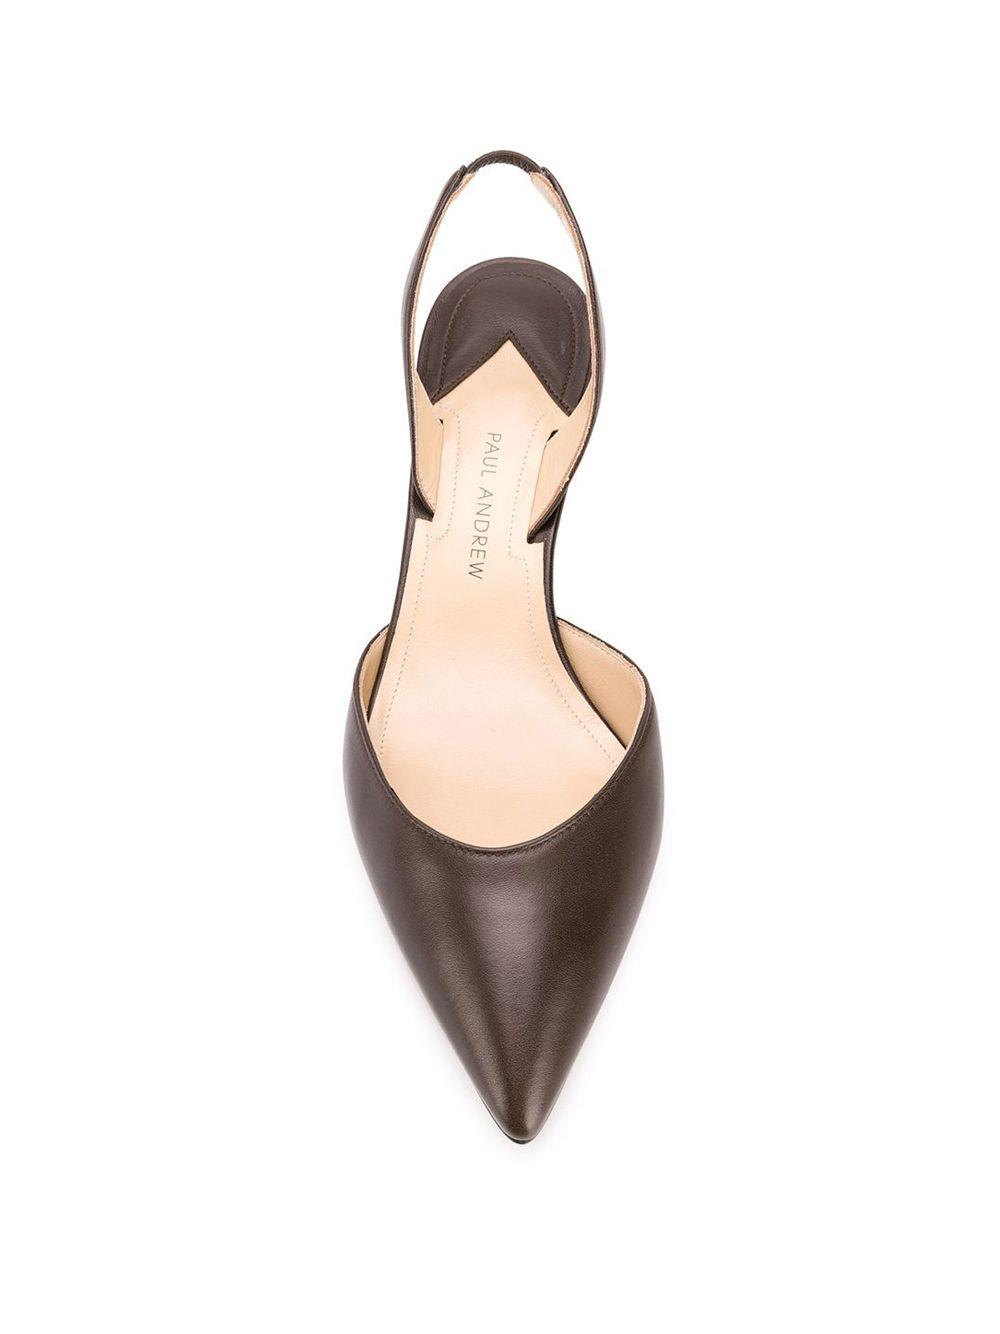 Paul Andrew | туфли-лодочки на каблуке | Clouty